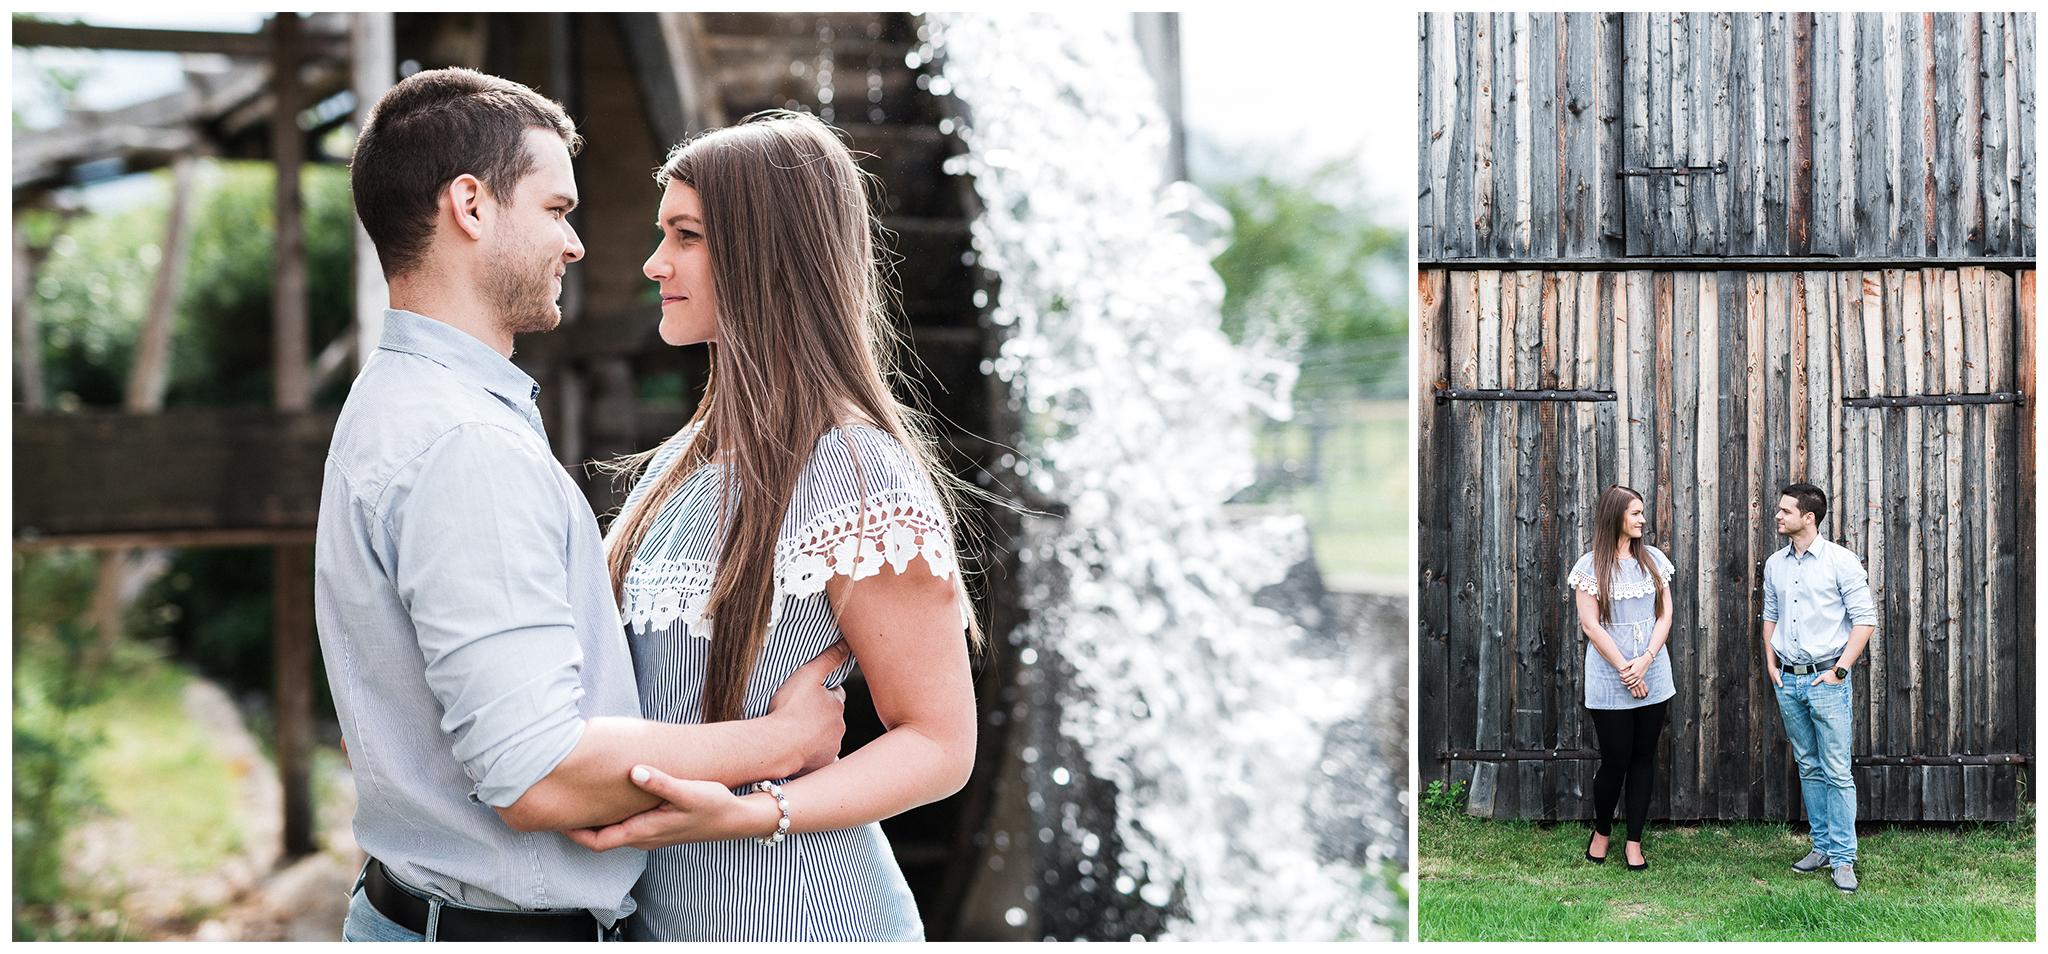 MONT_FylepPhoto, Esküvőfotós Vasmegye, Esküvő fotózás, Esküvői fotós, Körmend, Vas megye, Dunántúl, Budapest, Fülöp Péter, Jegyes fotózás, jegyes, kreatív, kreatívfotózás, Balaton, Ausztira_010.jpg